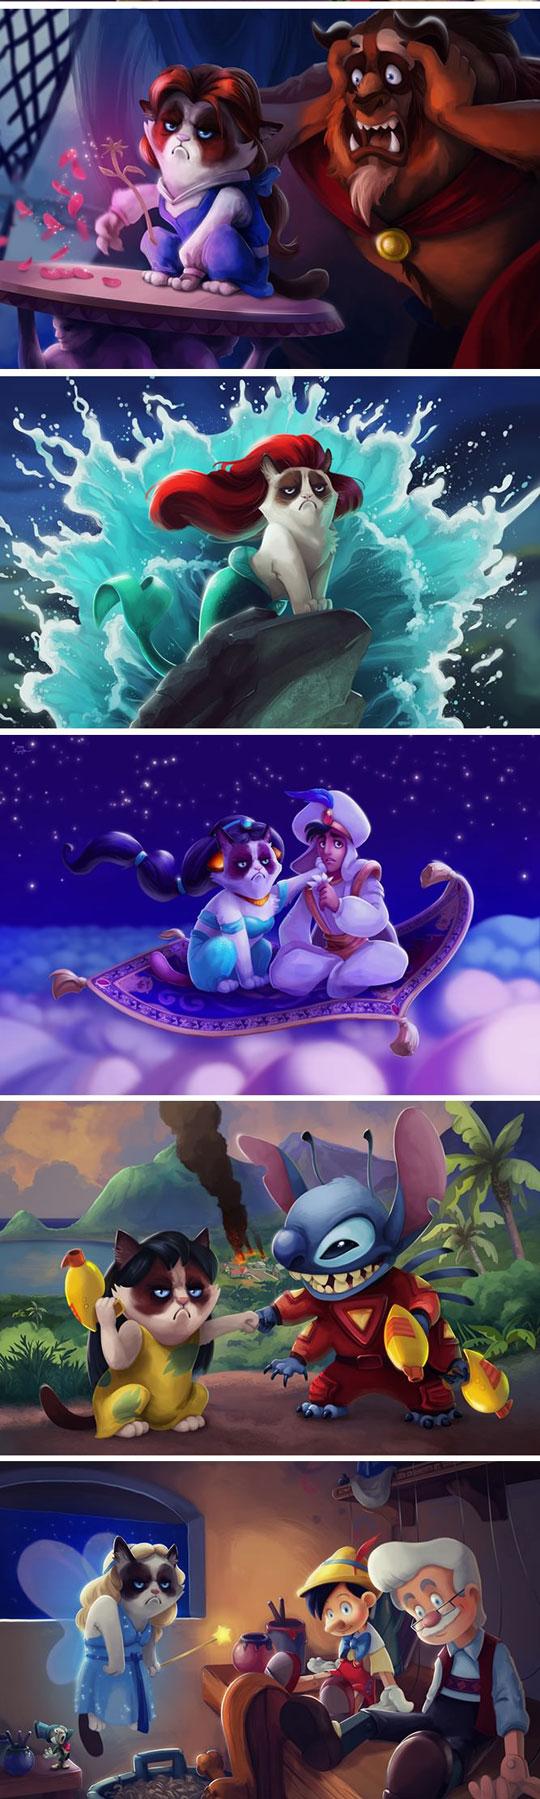 funny-Grumpy-cat-Disney-stories-adventures